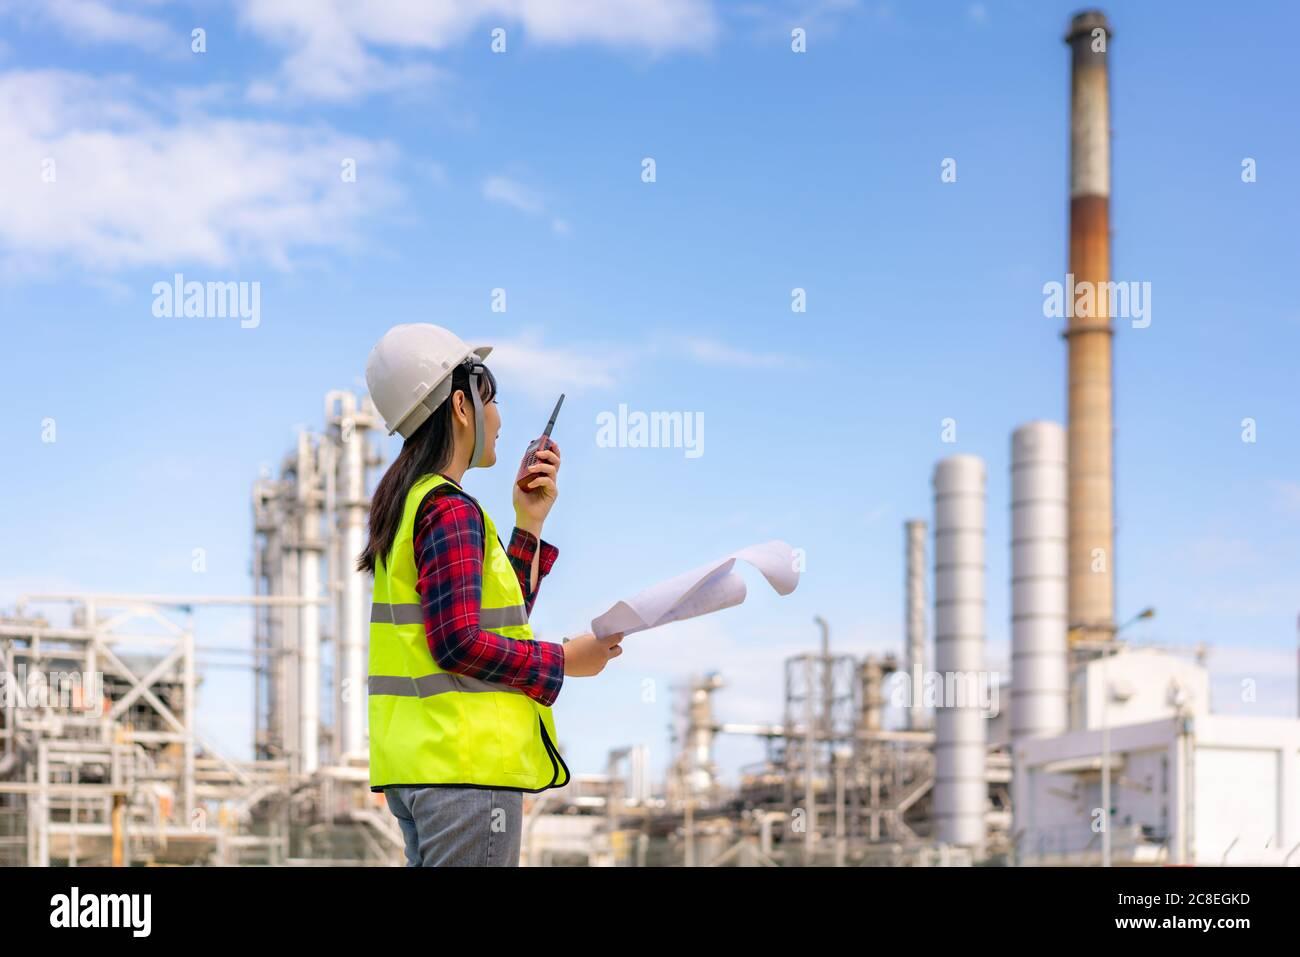 Mujer asiática técnico Ingeniero industrial usando walkie-talkie y sosteniendo bluprint trabajando en refinería de petróleo para la inspección de la obra en ingeniero civil Foto de stock